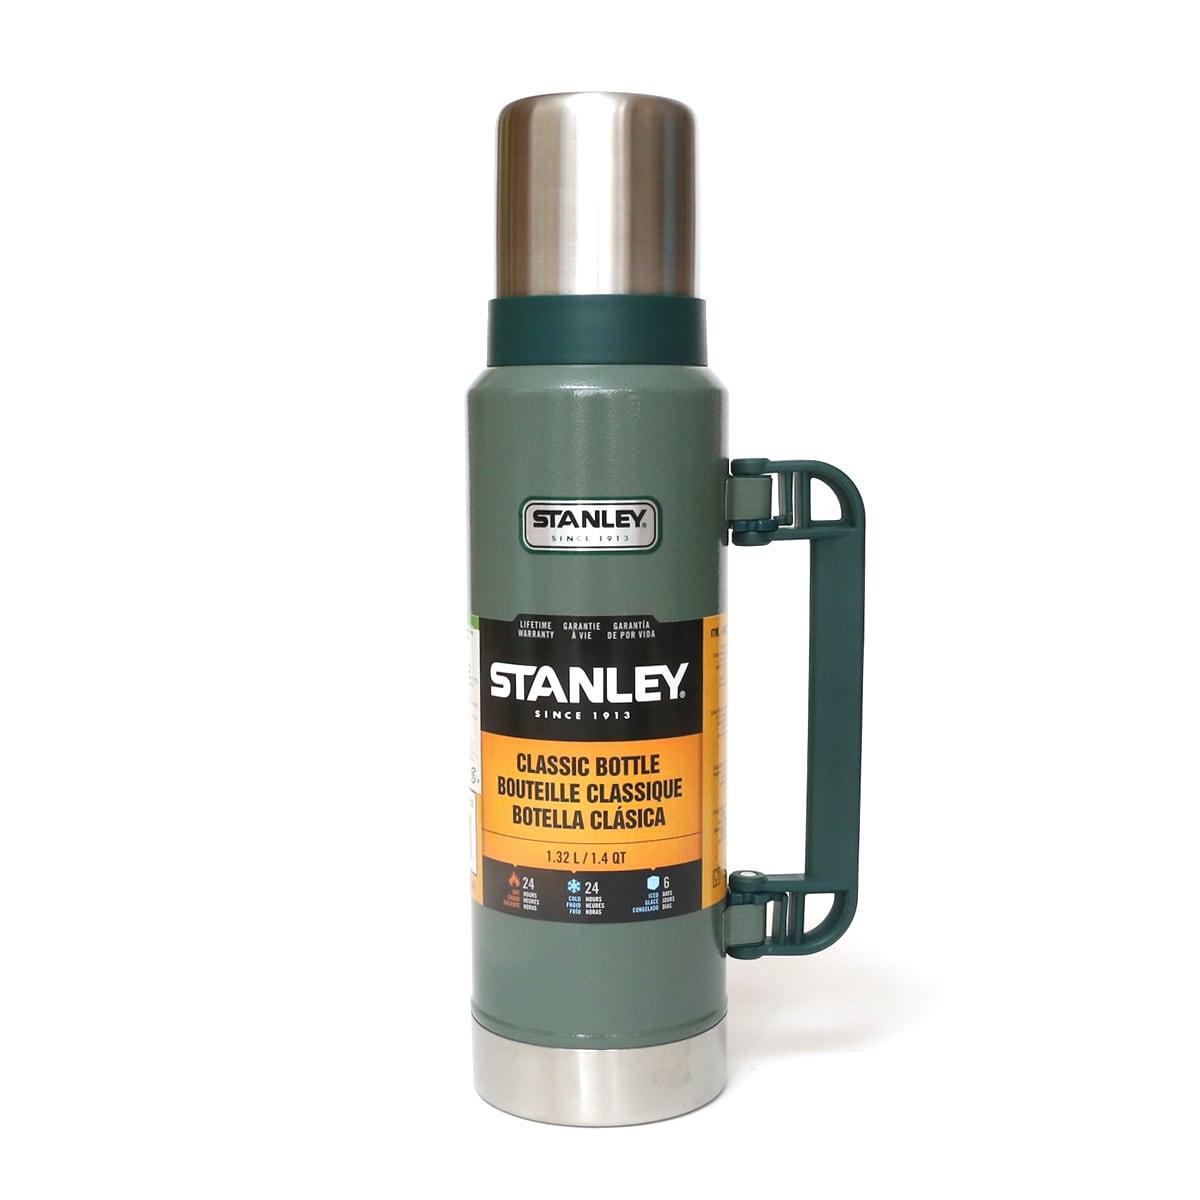 スタンレークラシックボトル(水筒)1.4QT/1.32リットル